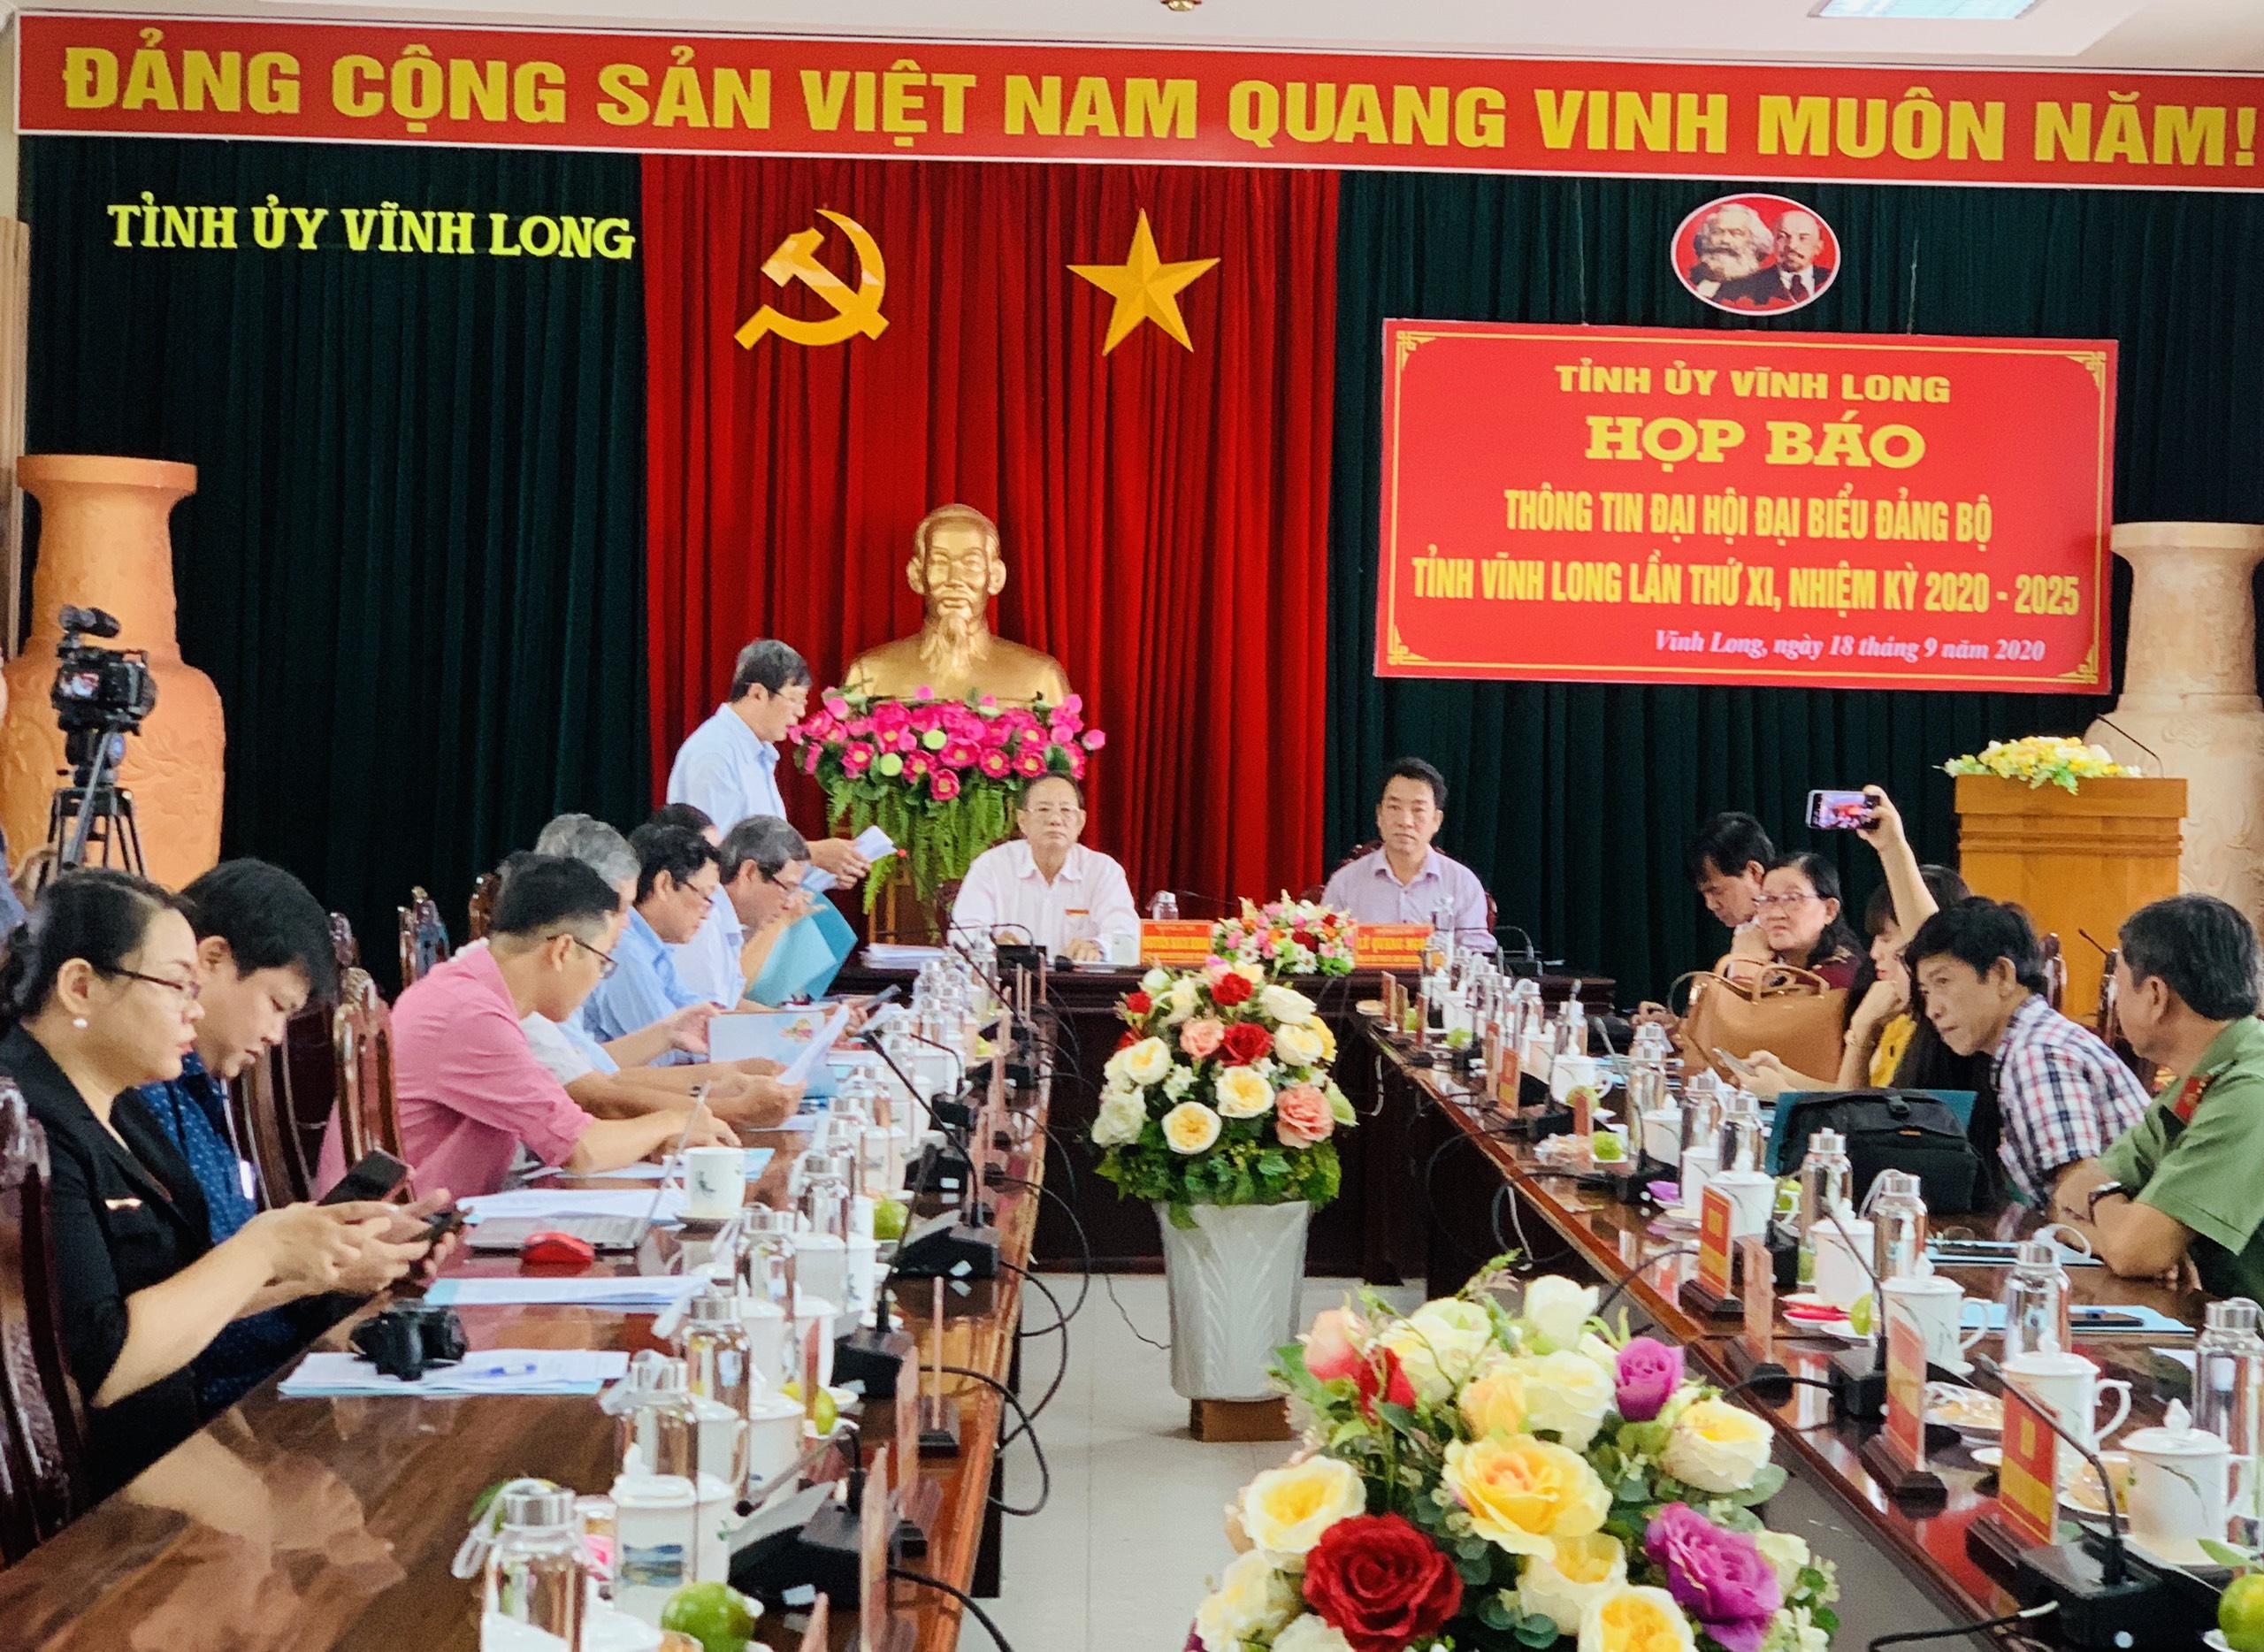 Đại hội đại biểu Đảng bộ tỉnh Vĩnh Long sẽ diễn ra từ 23 - 26 9